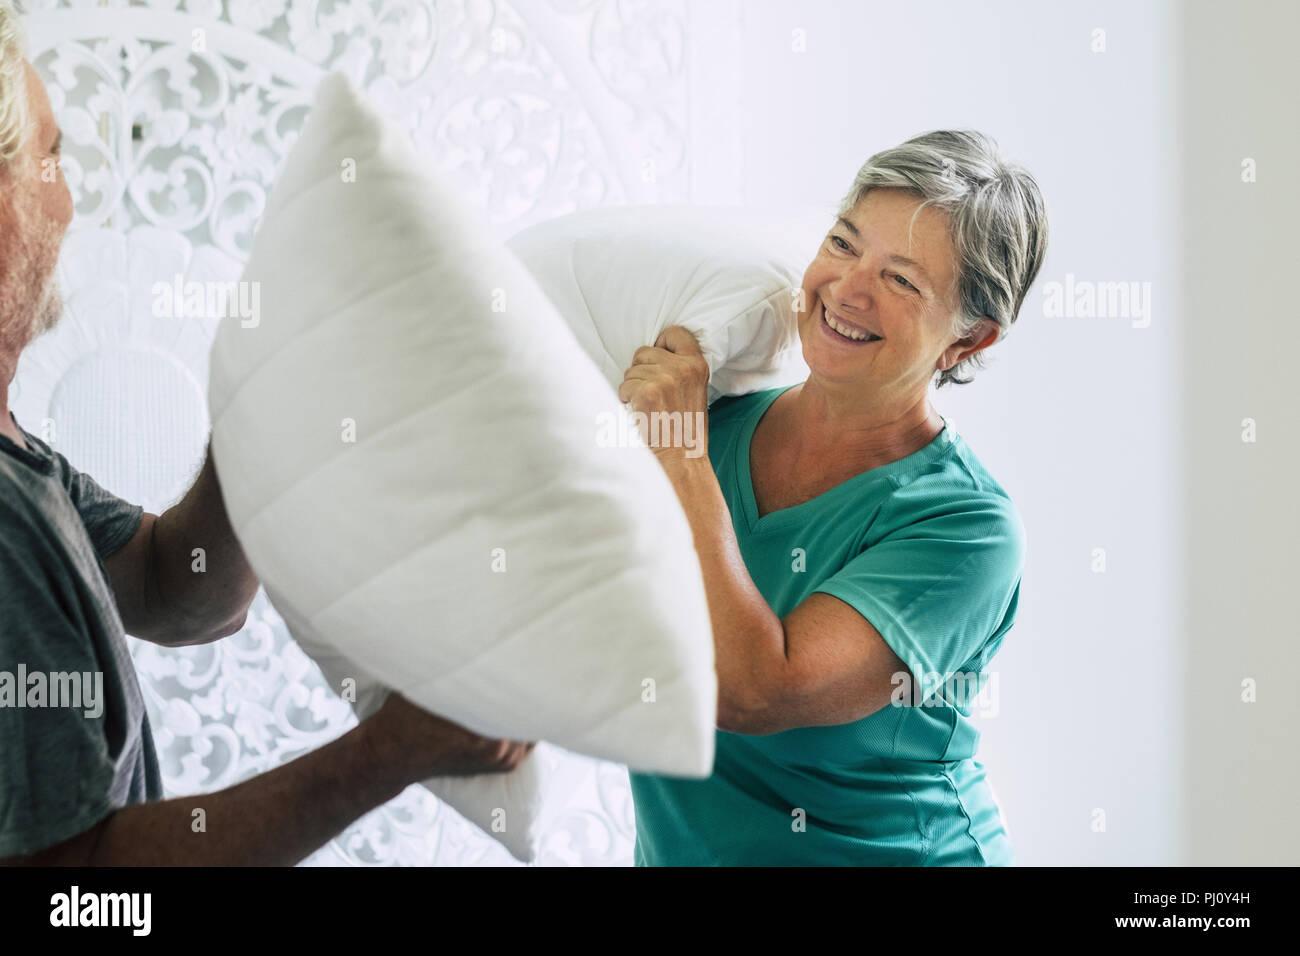 Cuscini guerra in casa per la caucasian paio di giocoso senior adulto uomo e donna giocare in camera da letto al mattino. felicità e gioia insieme per sempre s Immagini Stock